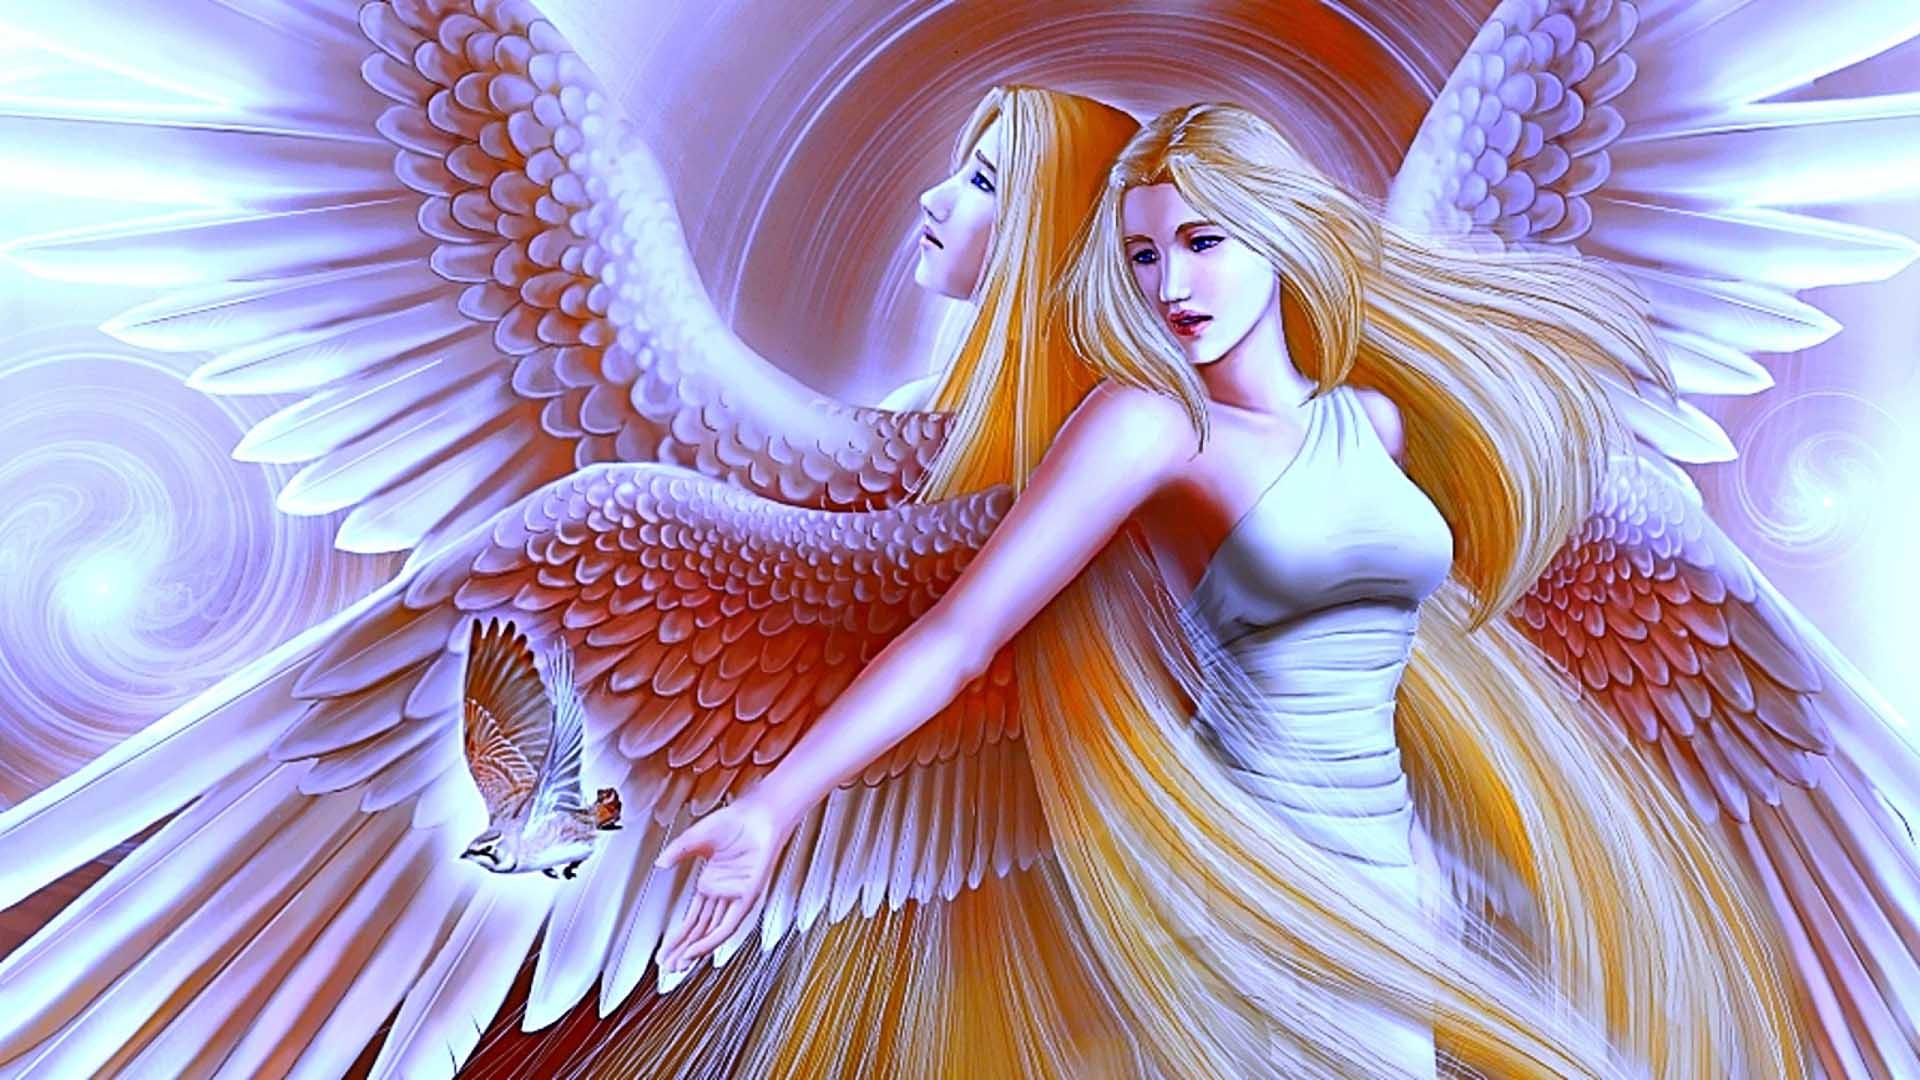 Beautiful Christmas Angels Desktop Wallpaper - WallpaperSafari